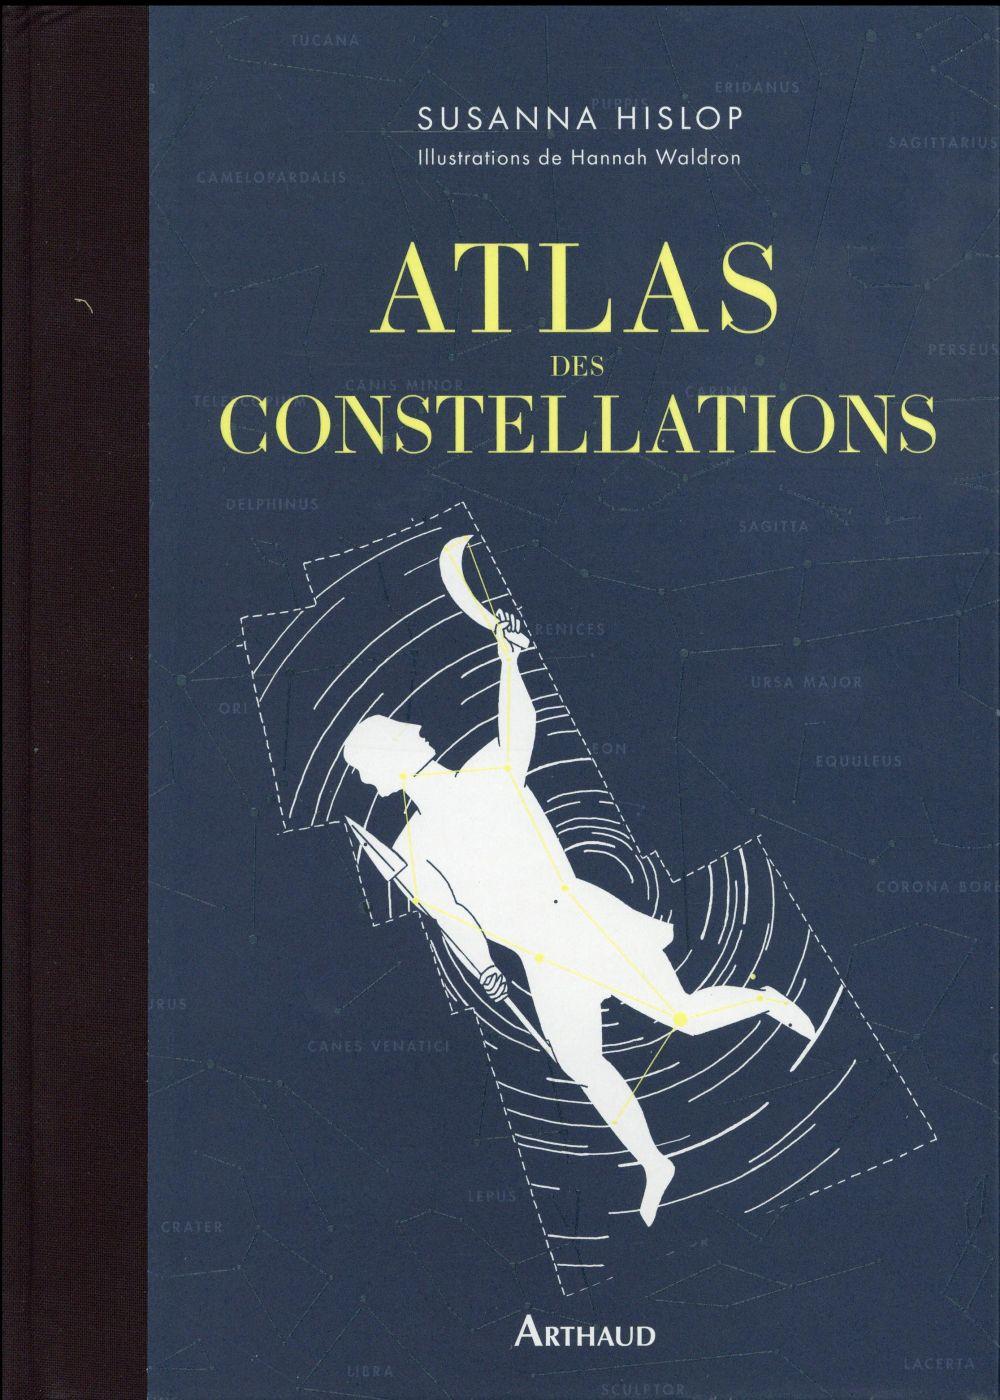 ATLAS DES CONSTELLATIONS